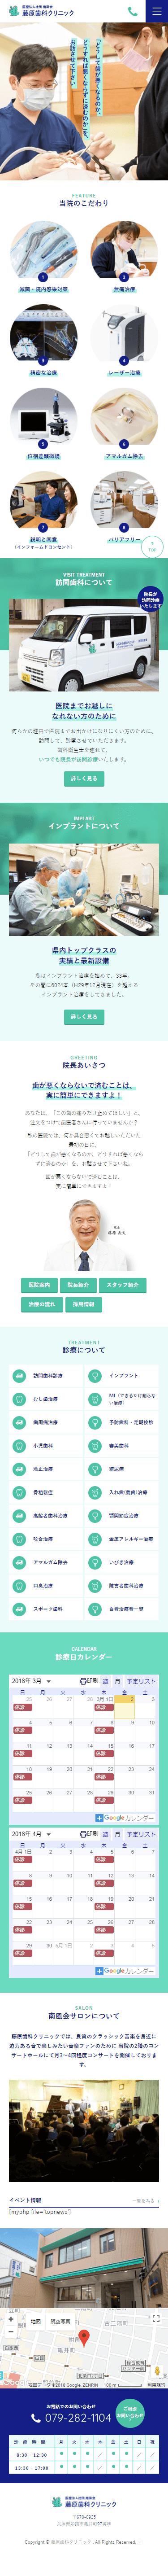 姫路市 藤原歯科クリニック様 ホームページ制作4